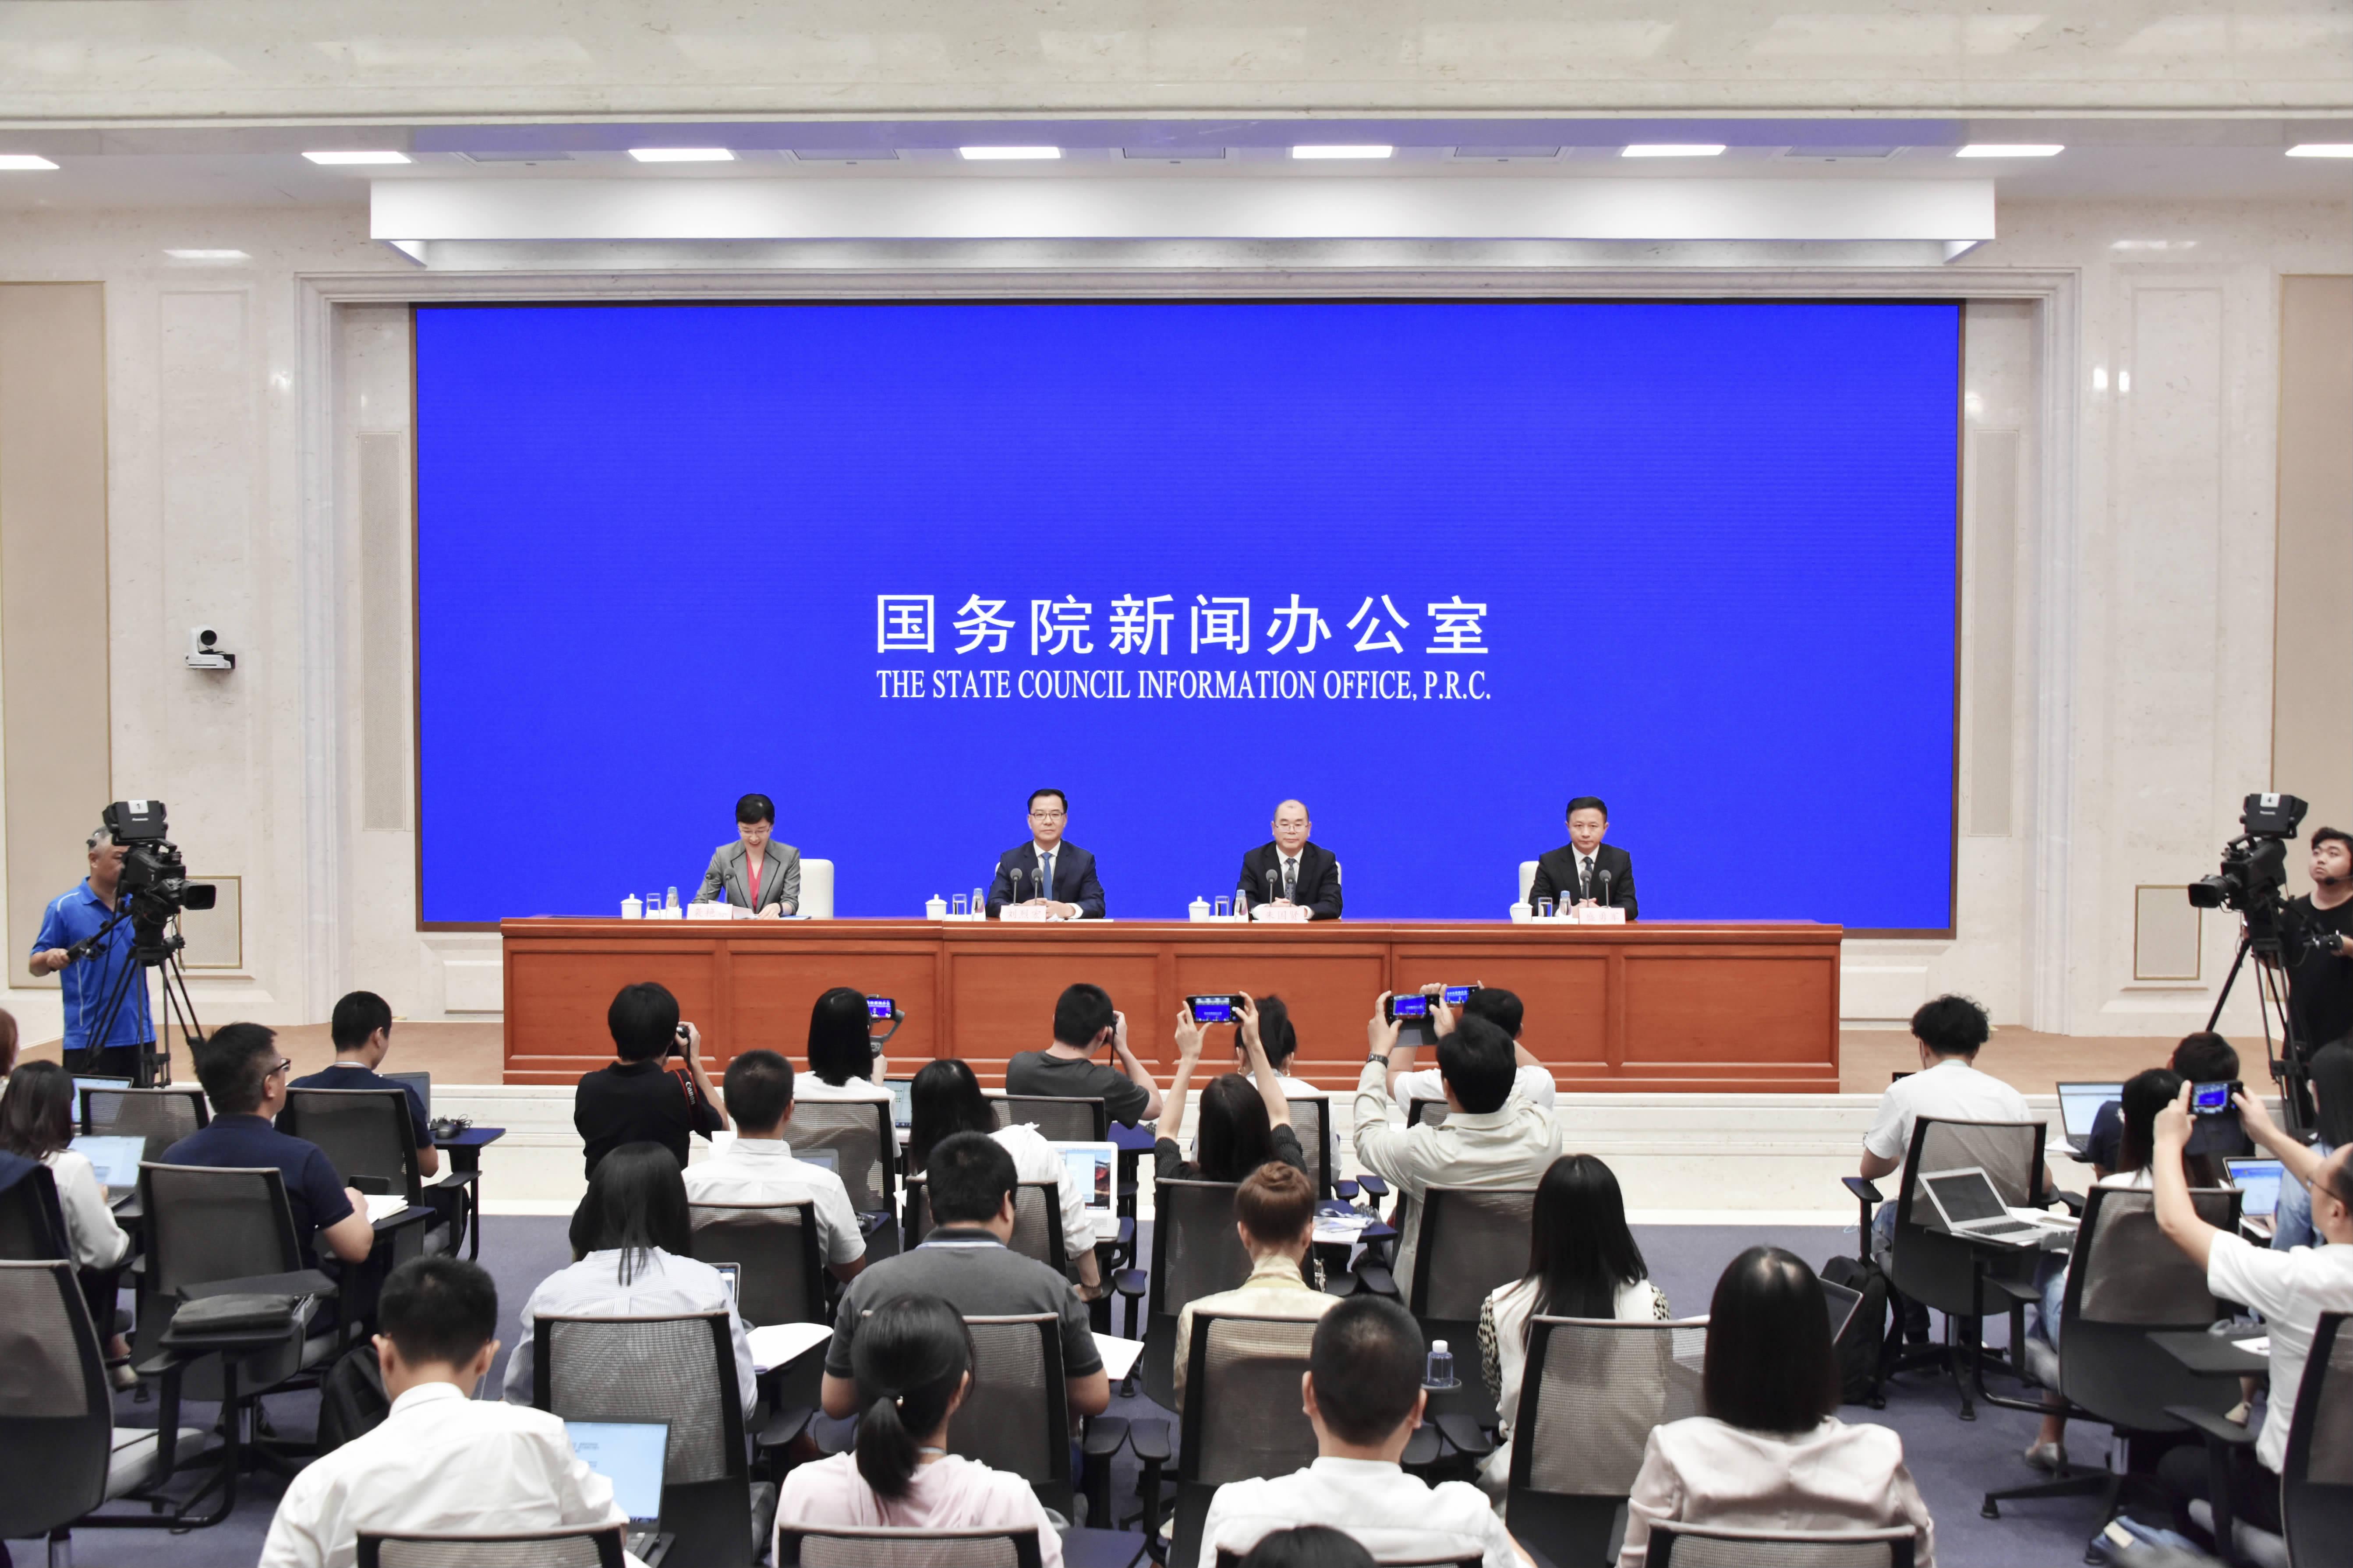 第六届世界互联网大会将于10月20日至22日在桐乡乌镇召开